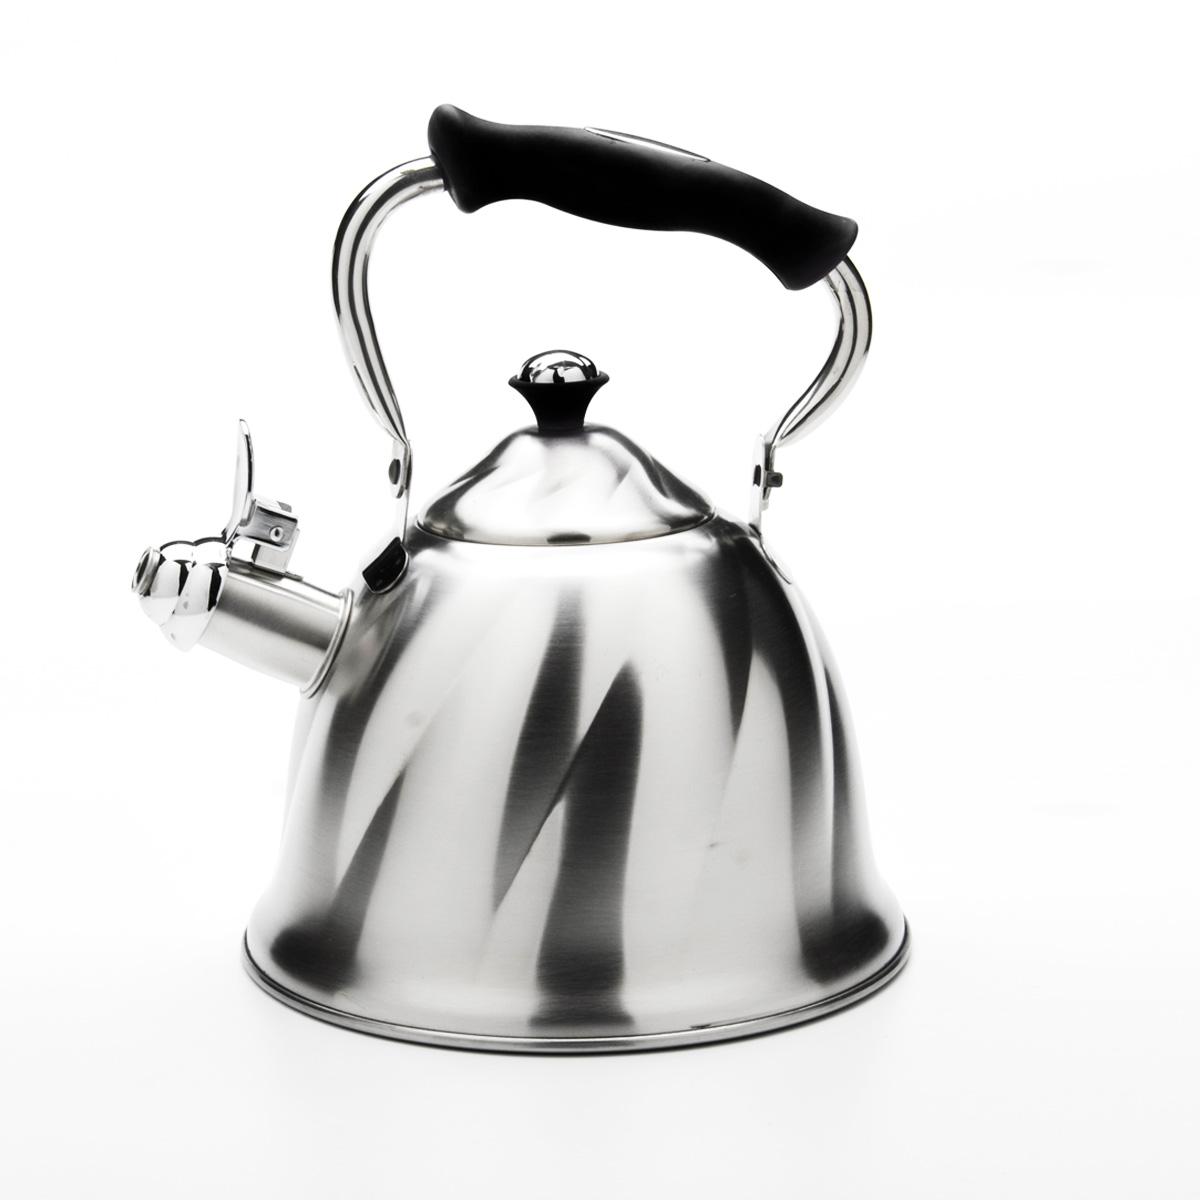 Чайник Mayer & Boch со свистком, цвет: черный, 3 л. 2377323773Чайник Mayer & Boch выполнен из высококачественной нержавеющей стали, что обеспечивает долговечность использования. Внешнее матовое покрытие придает приятный внешний вид. Подвижная ручка из бакелита делает использование чайника очень удобным и безопасным. Чайник снабжен свистком и устройством для открывания носика. Можно мыть в посудомоечной машине. Пригоден для всех видов плит, кроме индукционных. Высота чайника (без учета крышки и ручки): 13 см. Диаметр основания: 21 см.